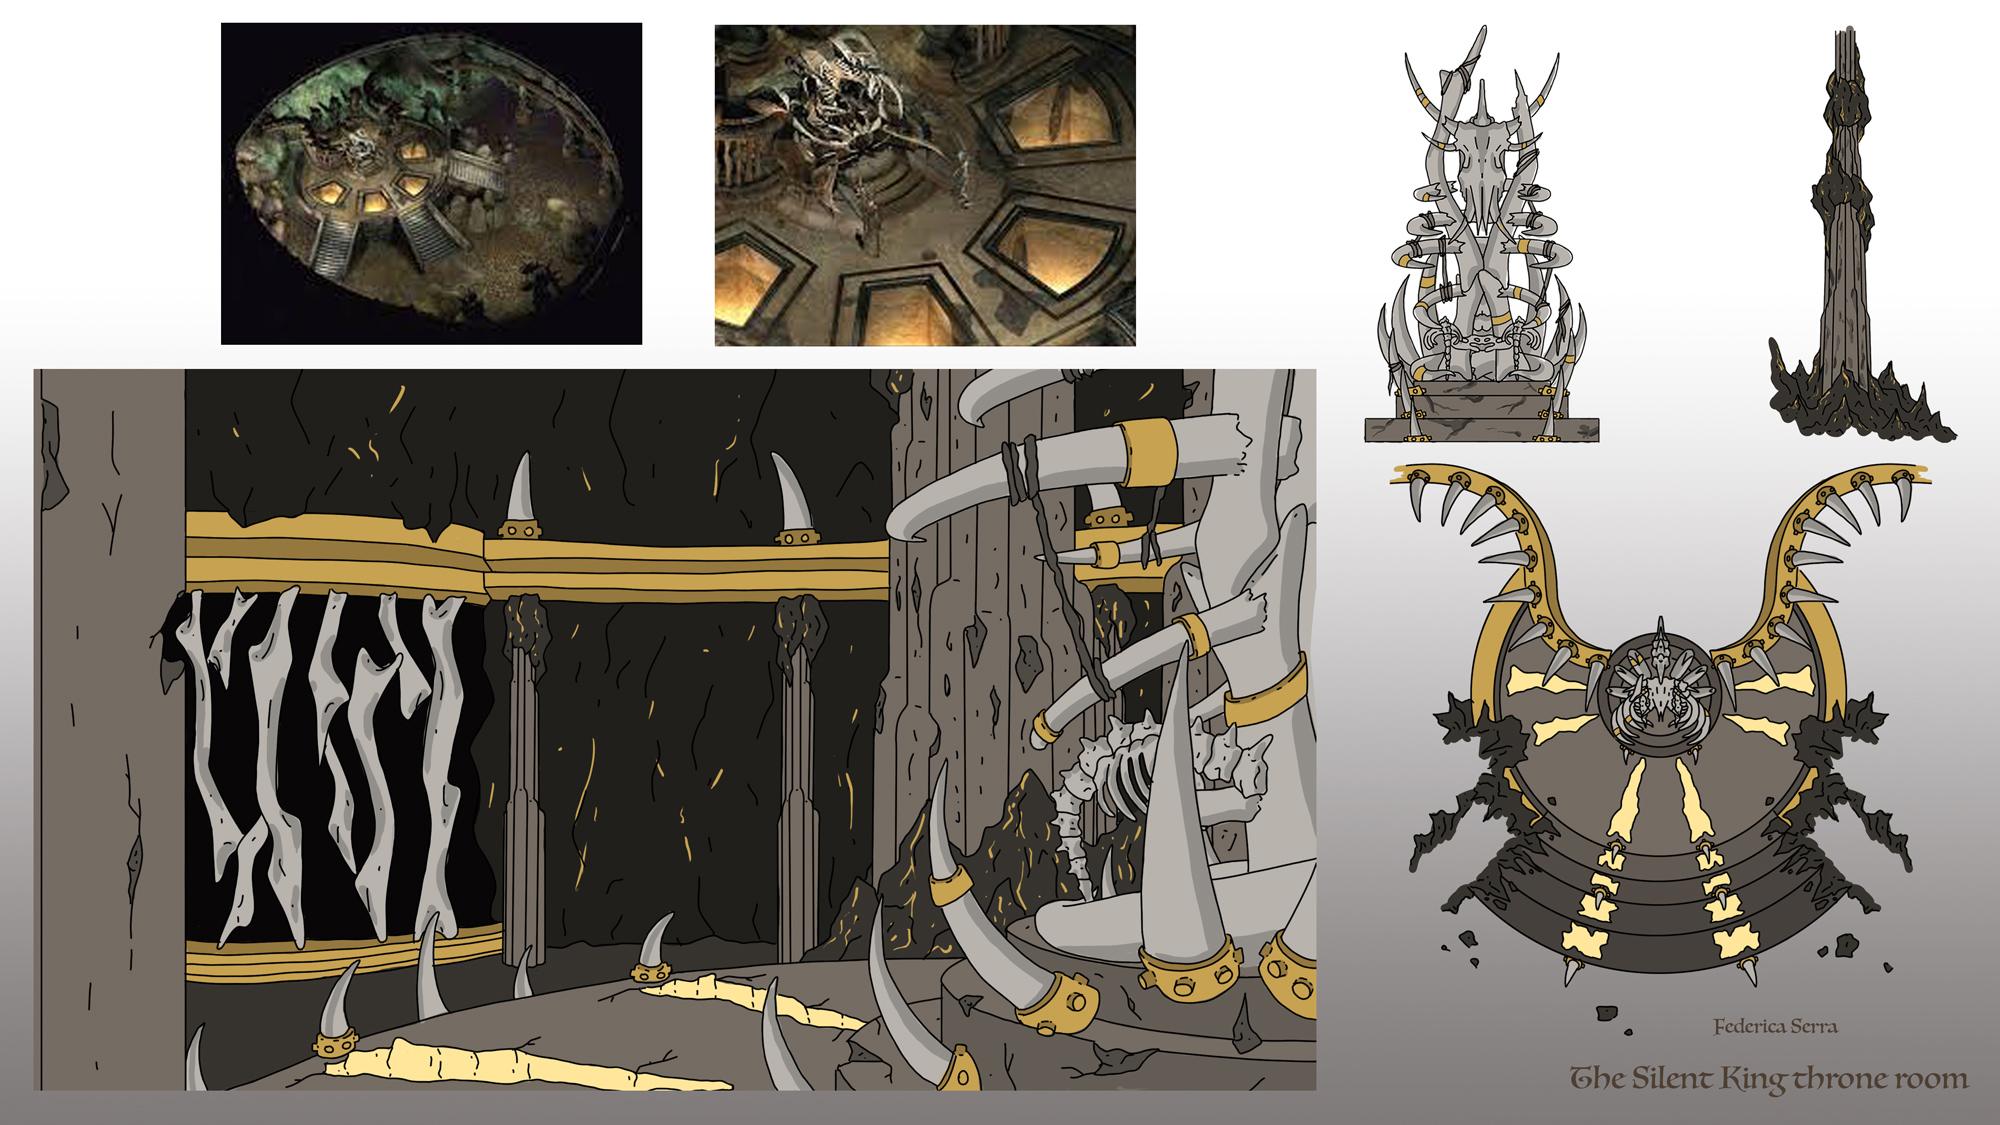 {$tags} Concept ambiente, Silent King's Throne Room (props e studi) - by Federica Serra Planescape Torment Redesign Project (2020) © Scuola Internazionale di Comics Torino e dell'autore, tutti i diritti riservati